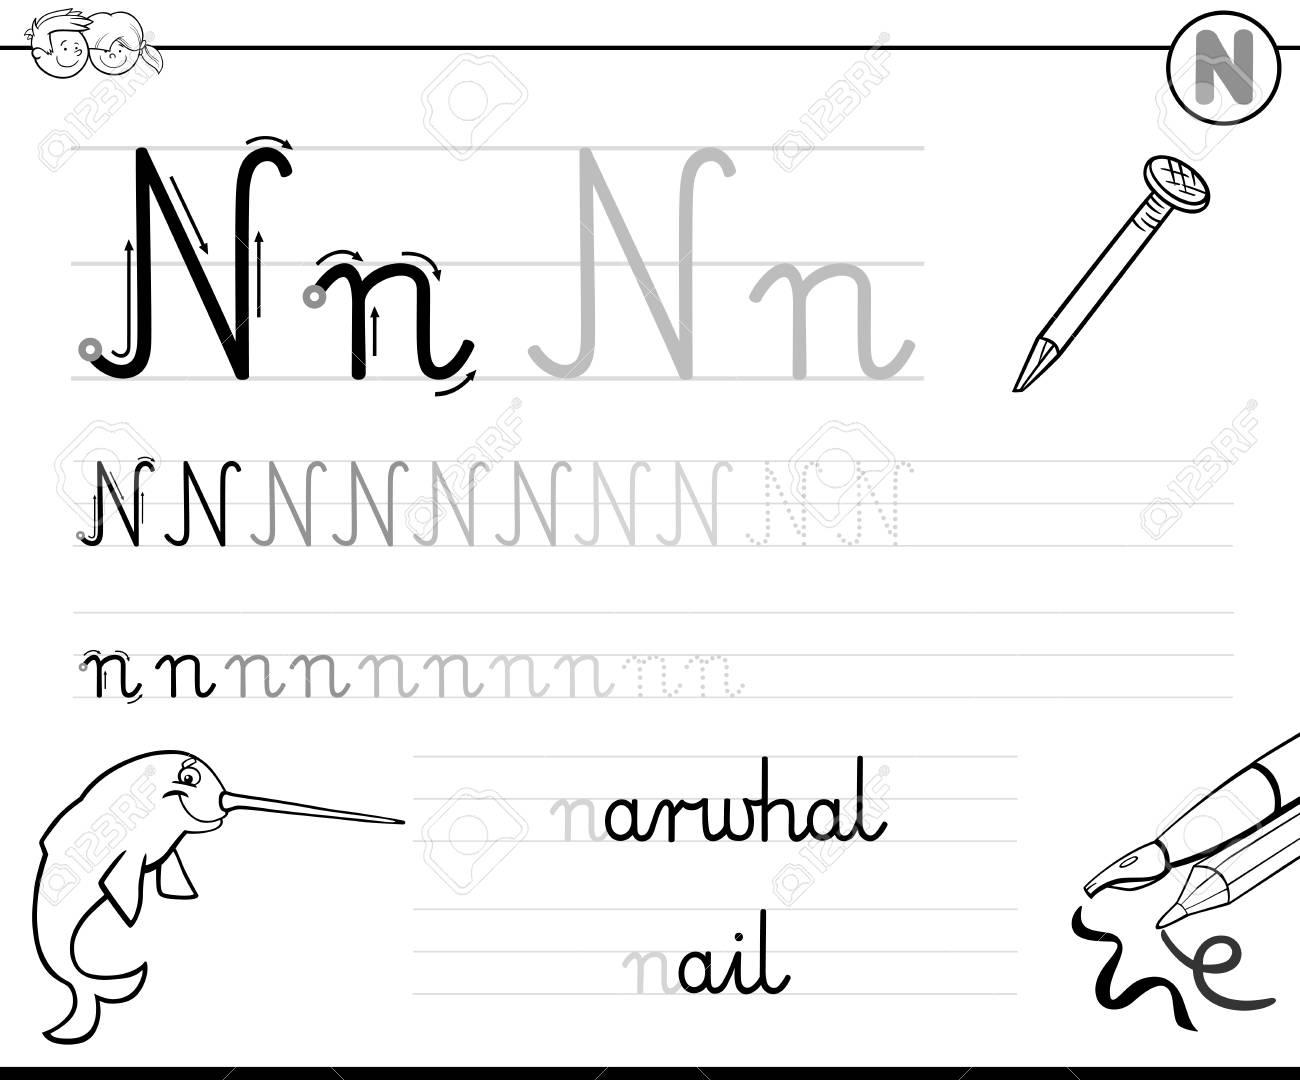 Ilustración De Dibujos Animados En Blanco Y Negro De Práctica De Habilidades De Escritura Con La Hoja De Trabajo De Letra N Para Niños De Edad